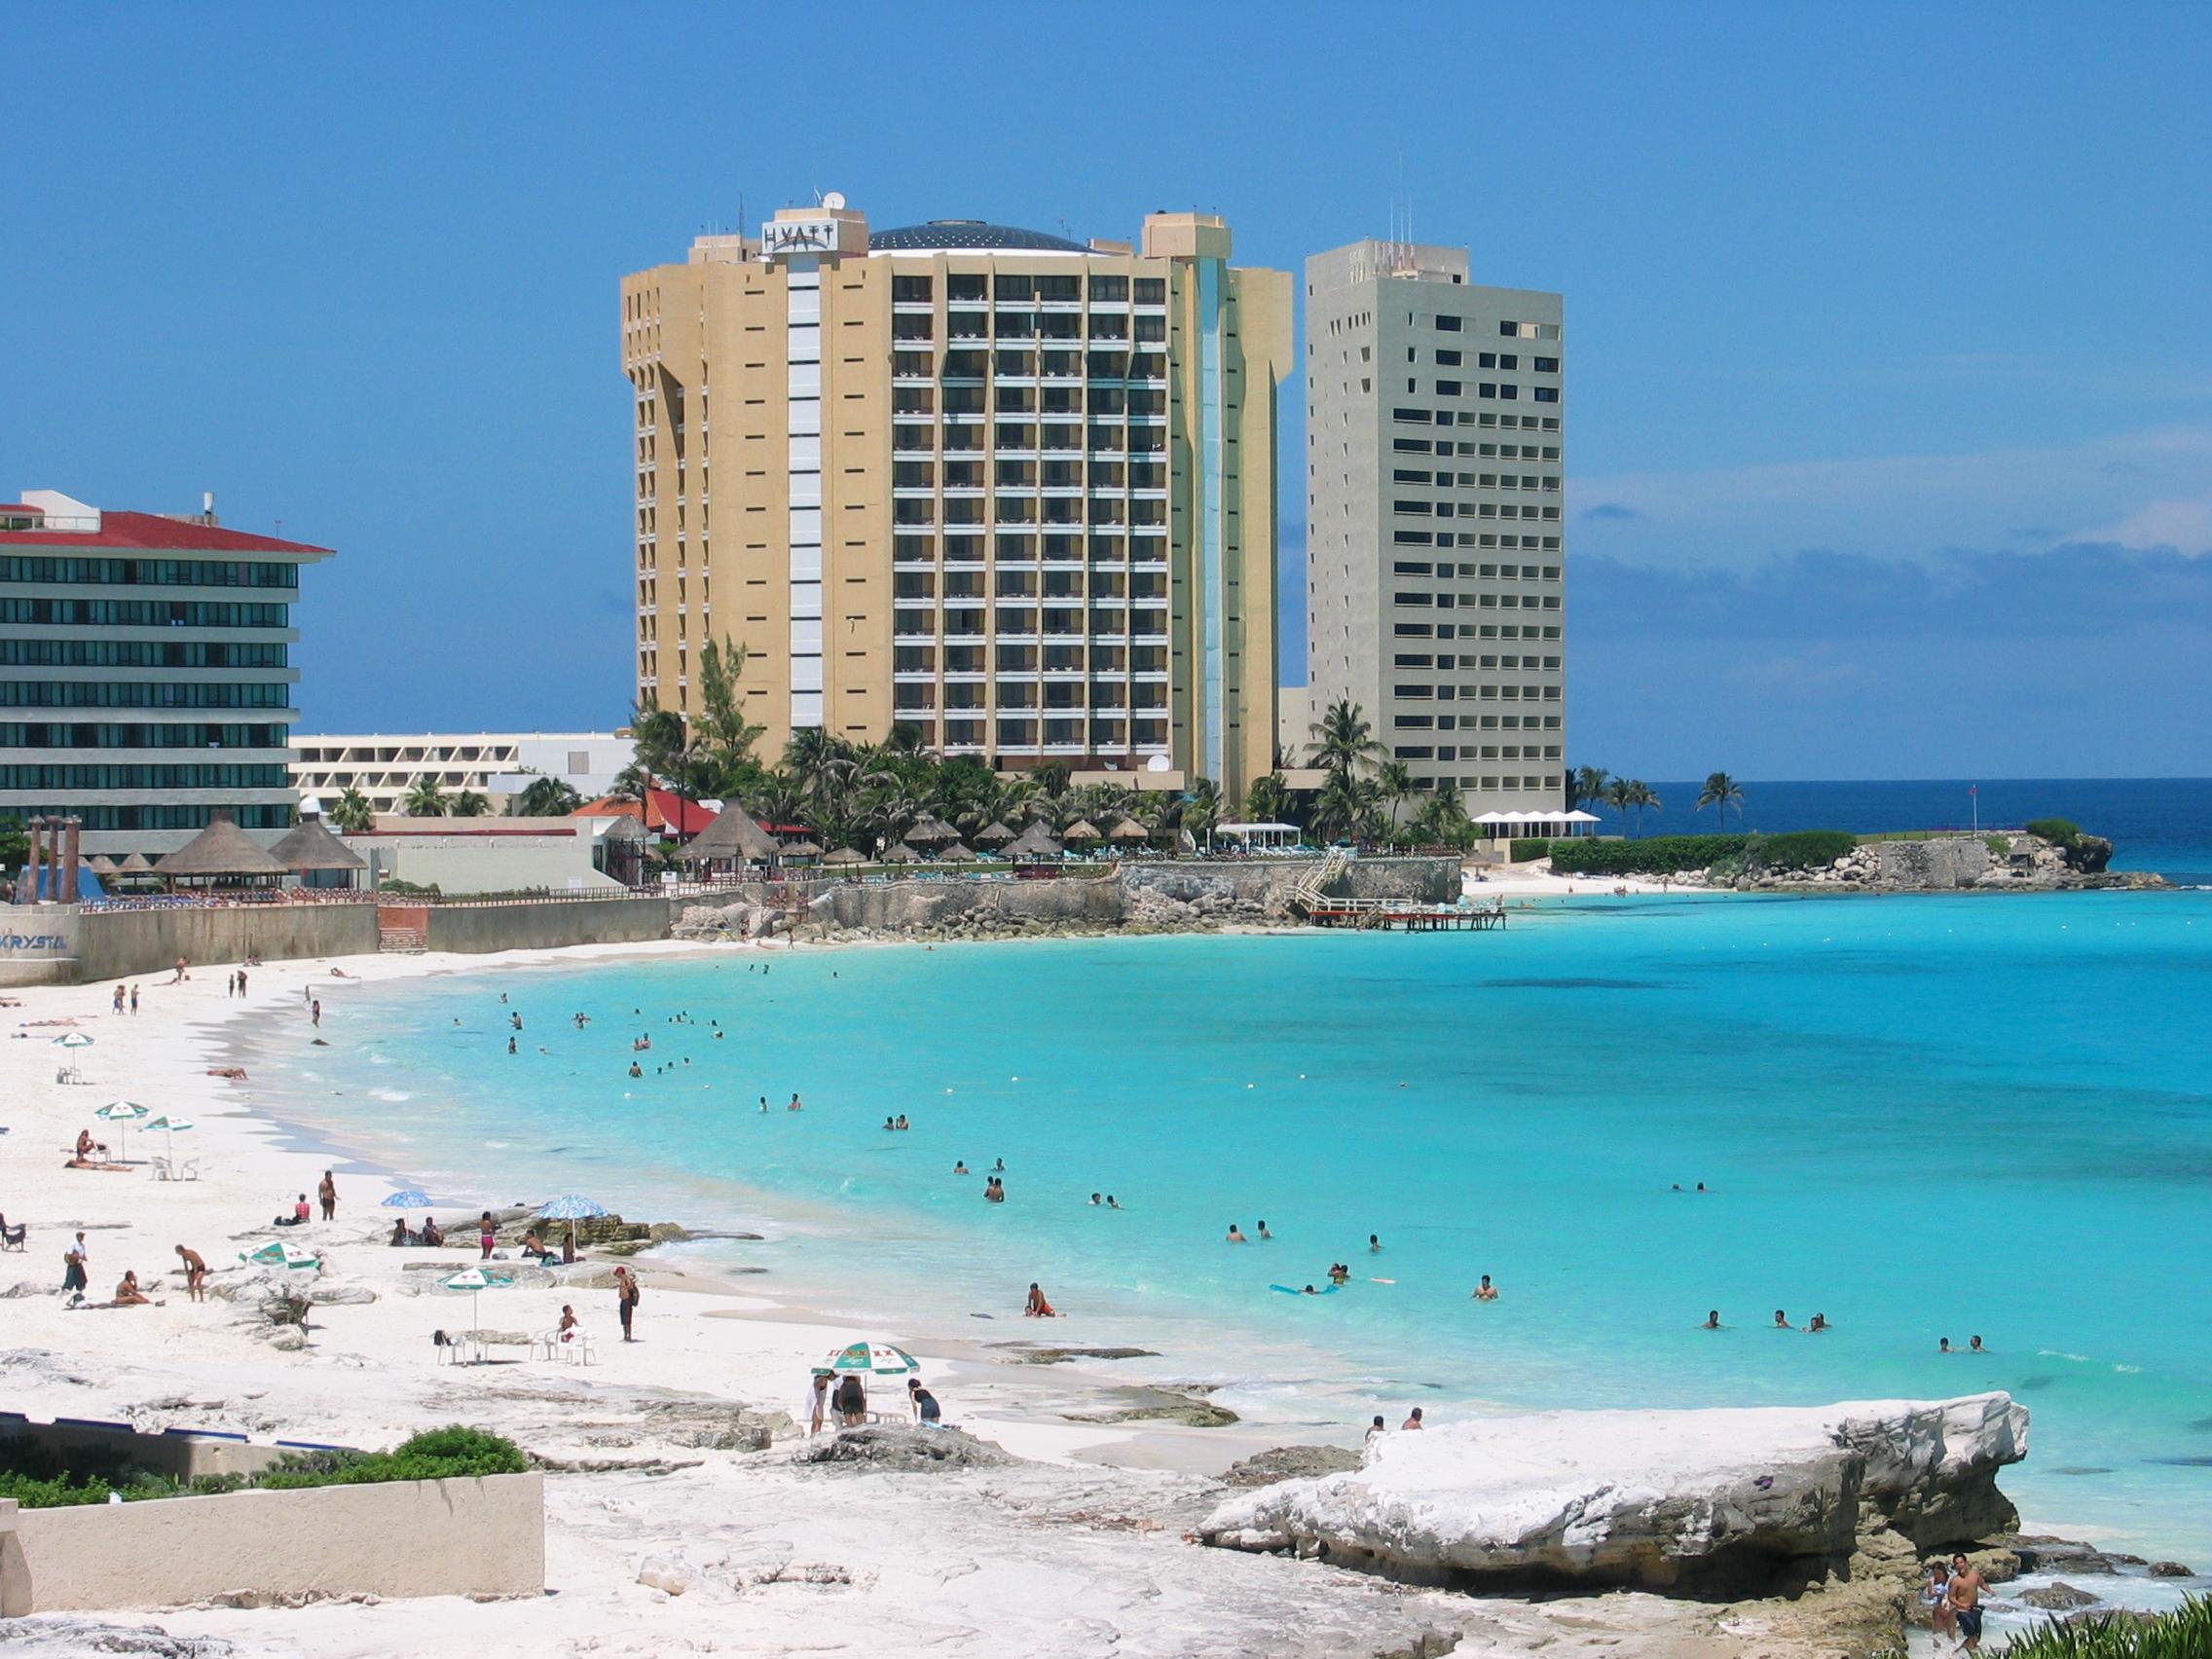 Actividades recreativas que debes realizar en Cancún Playas del mundo